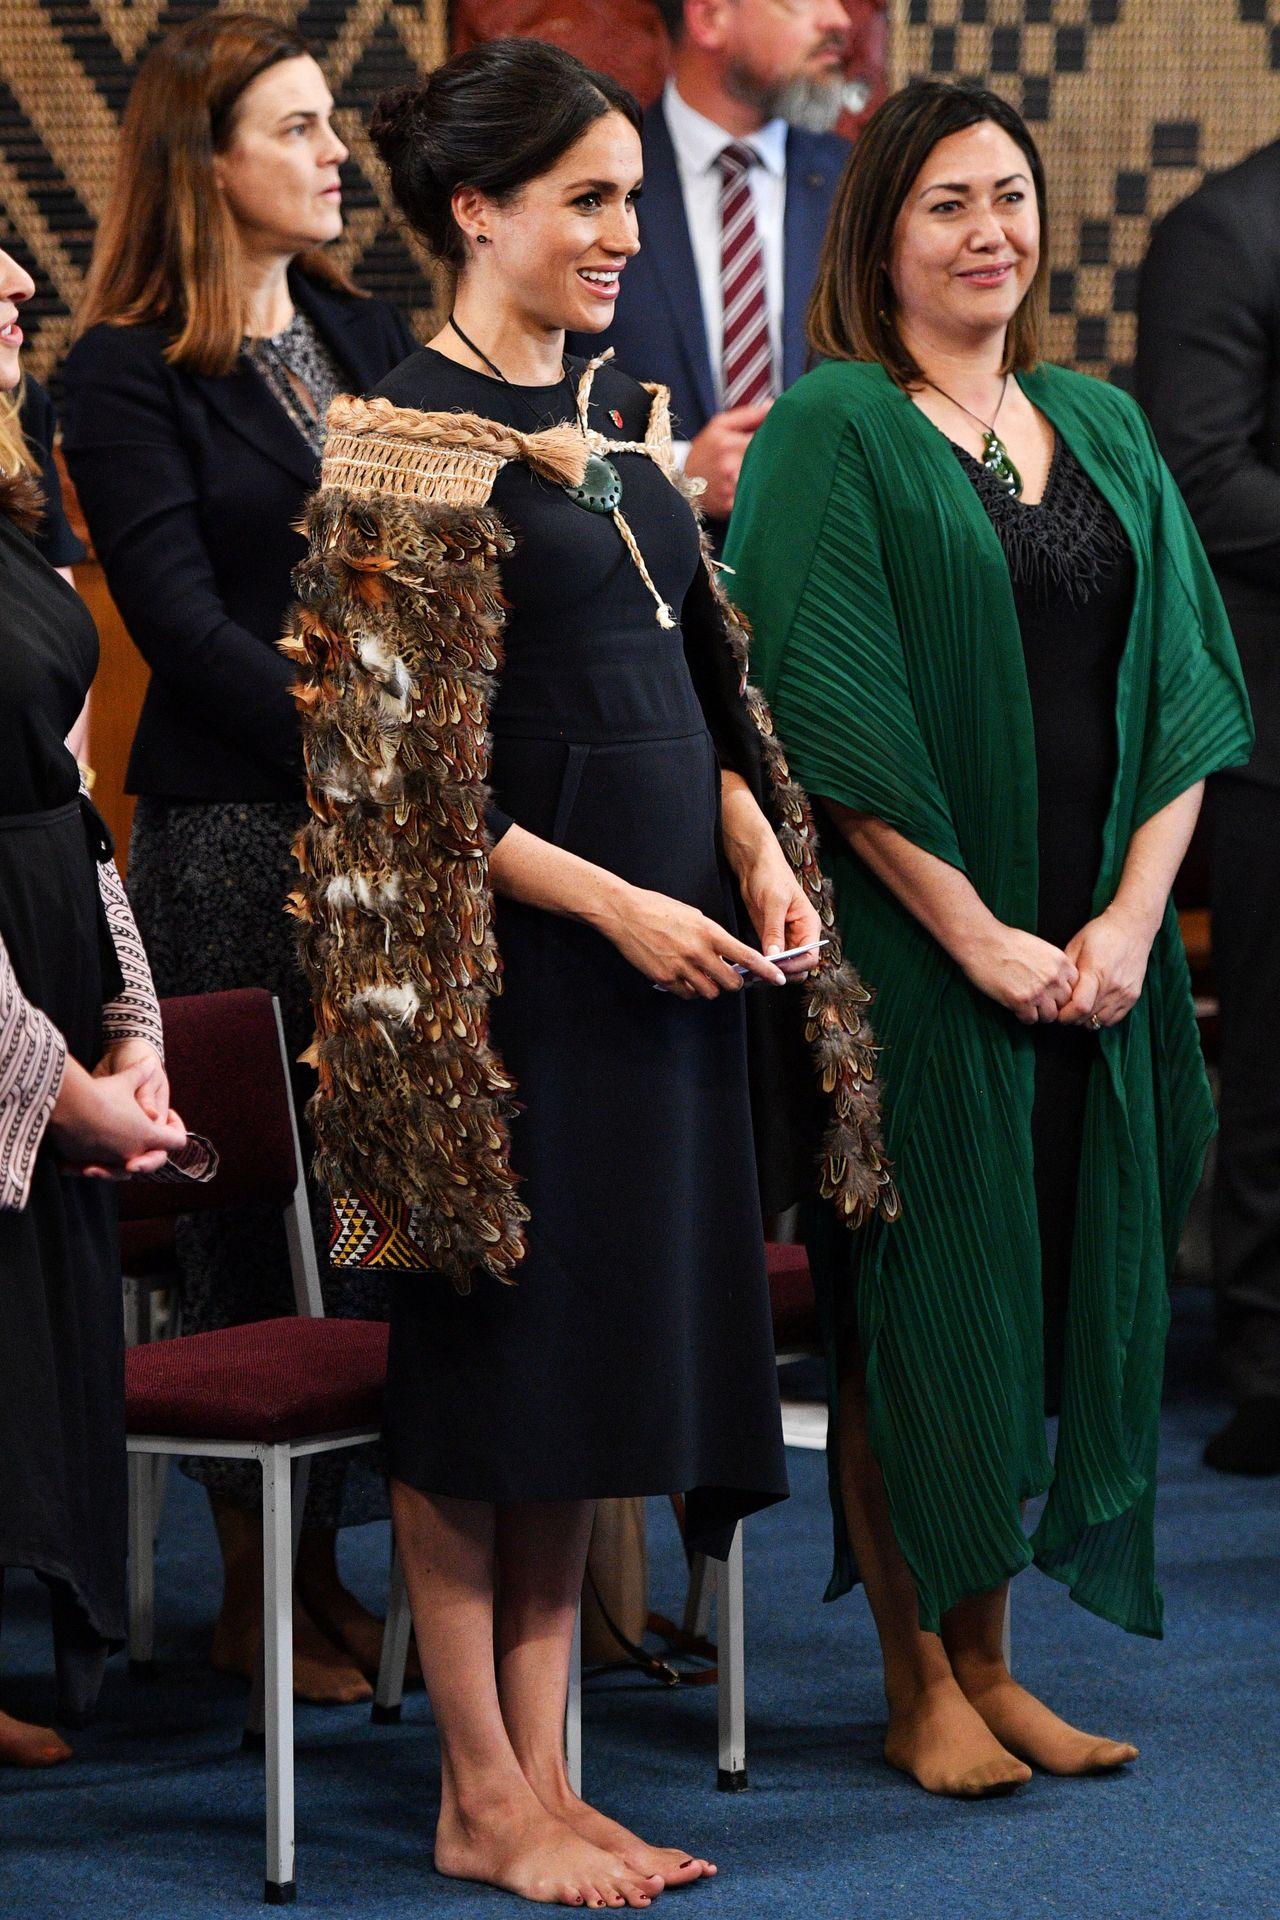 To jedno z nielicznych zdjęć, na których widać stopy Meghan Markle. Była księżna musiała zdjąć buty w czasie oficjalnej wizyty w Nowej Zelandii